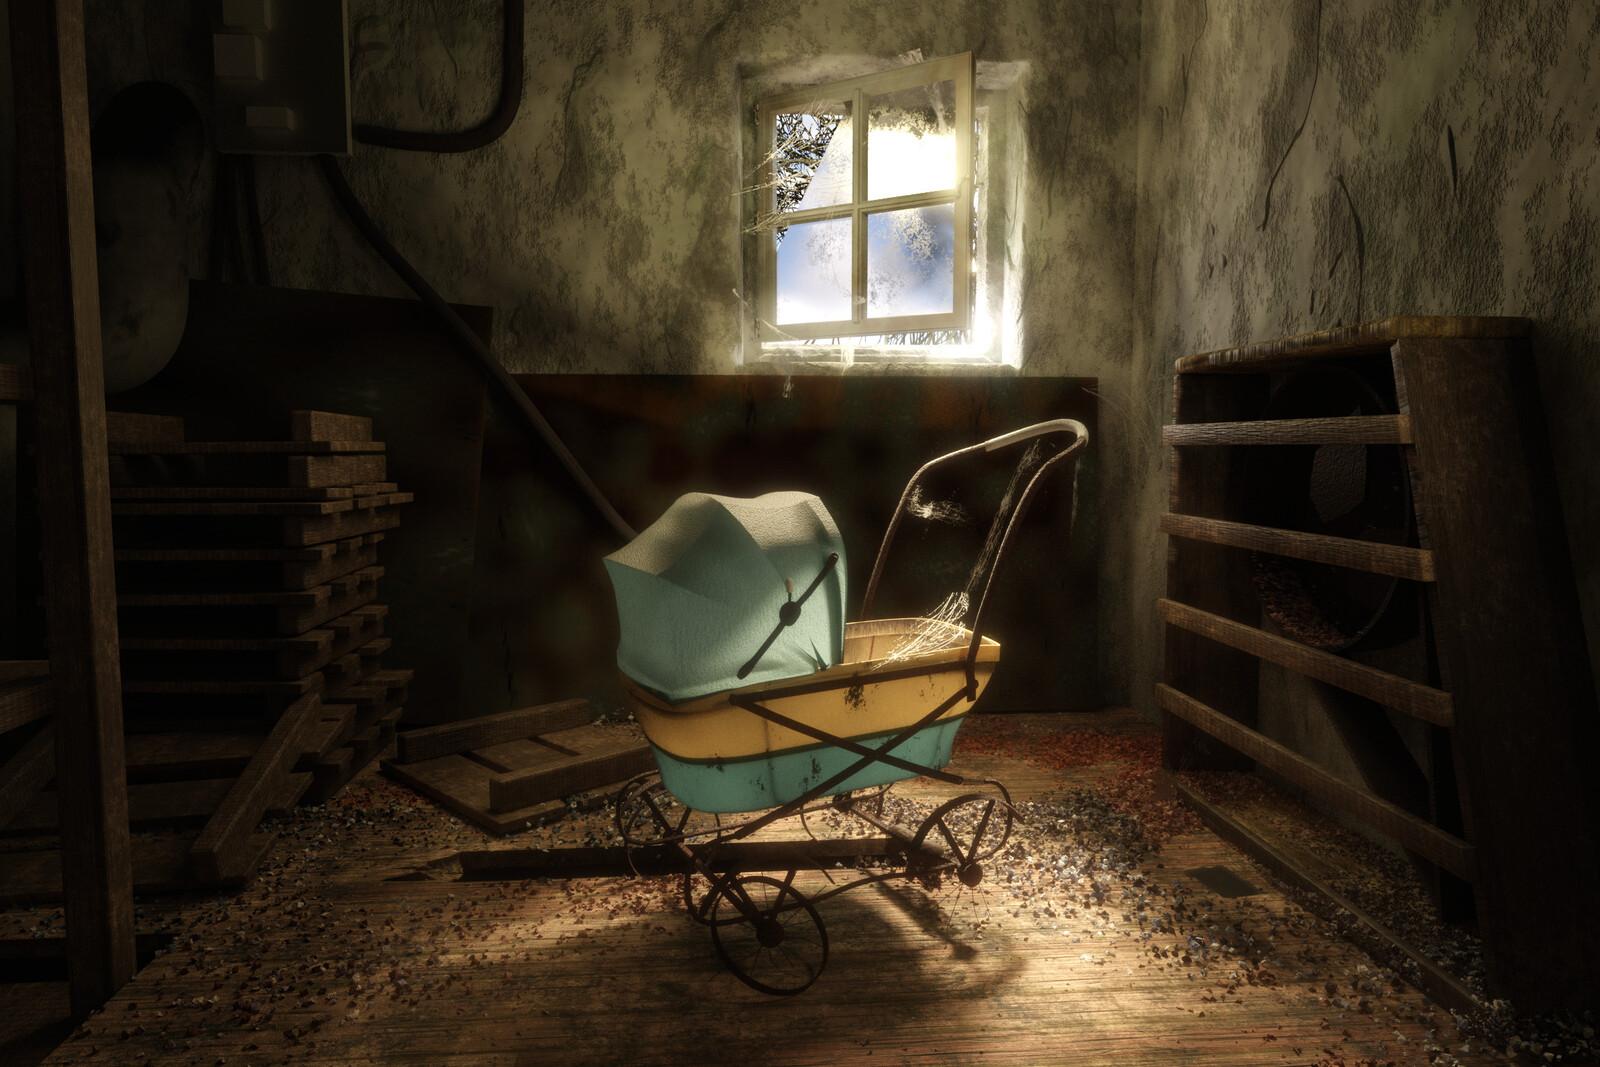 The forgotten stroller